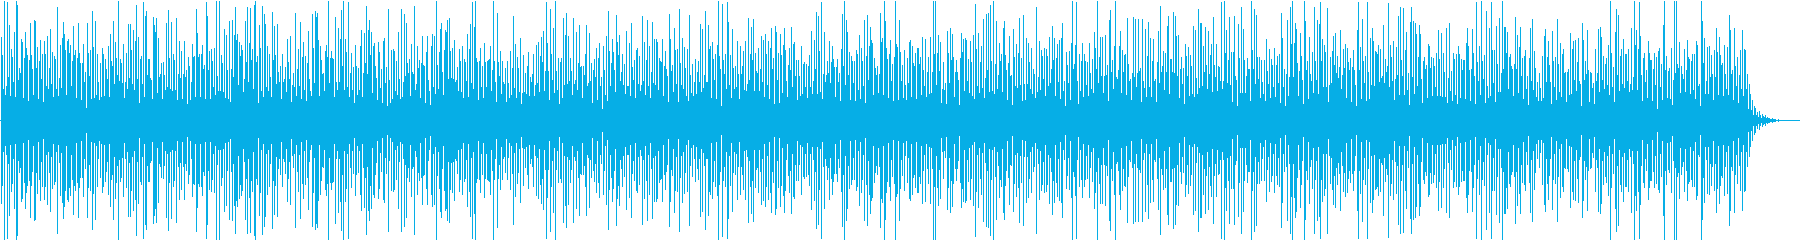 ホラー、事件、virus、covid19の再生済みの波形